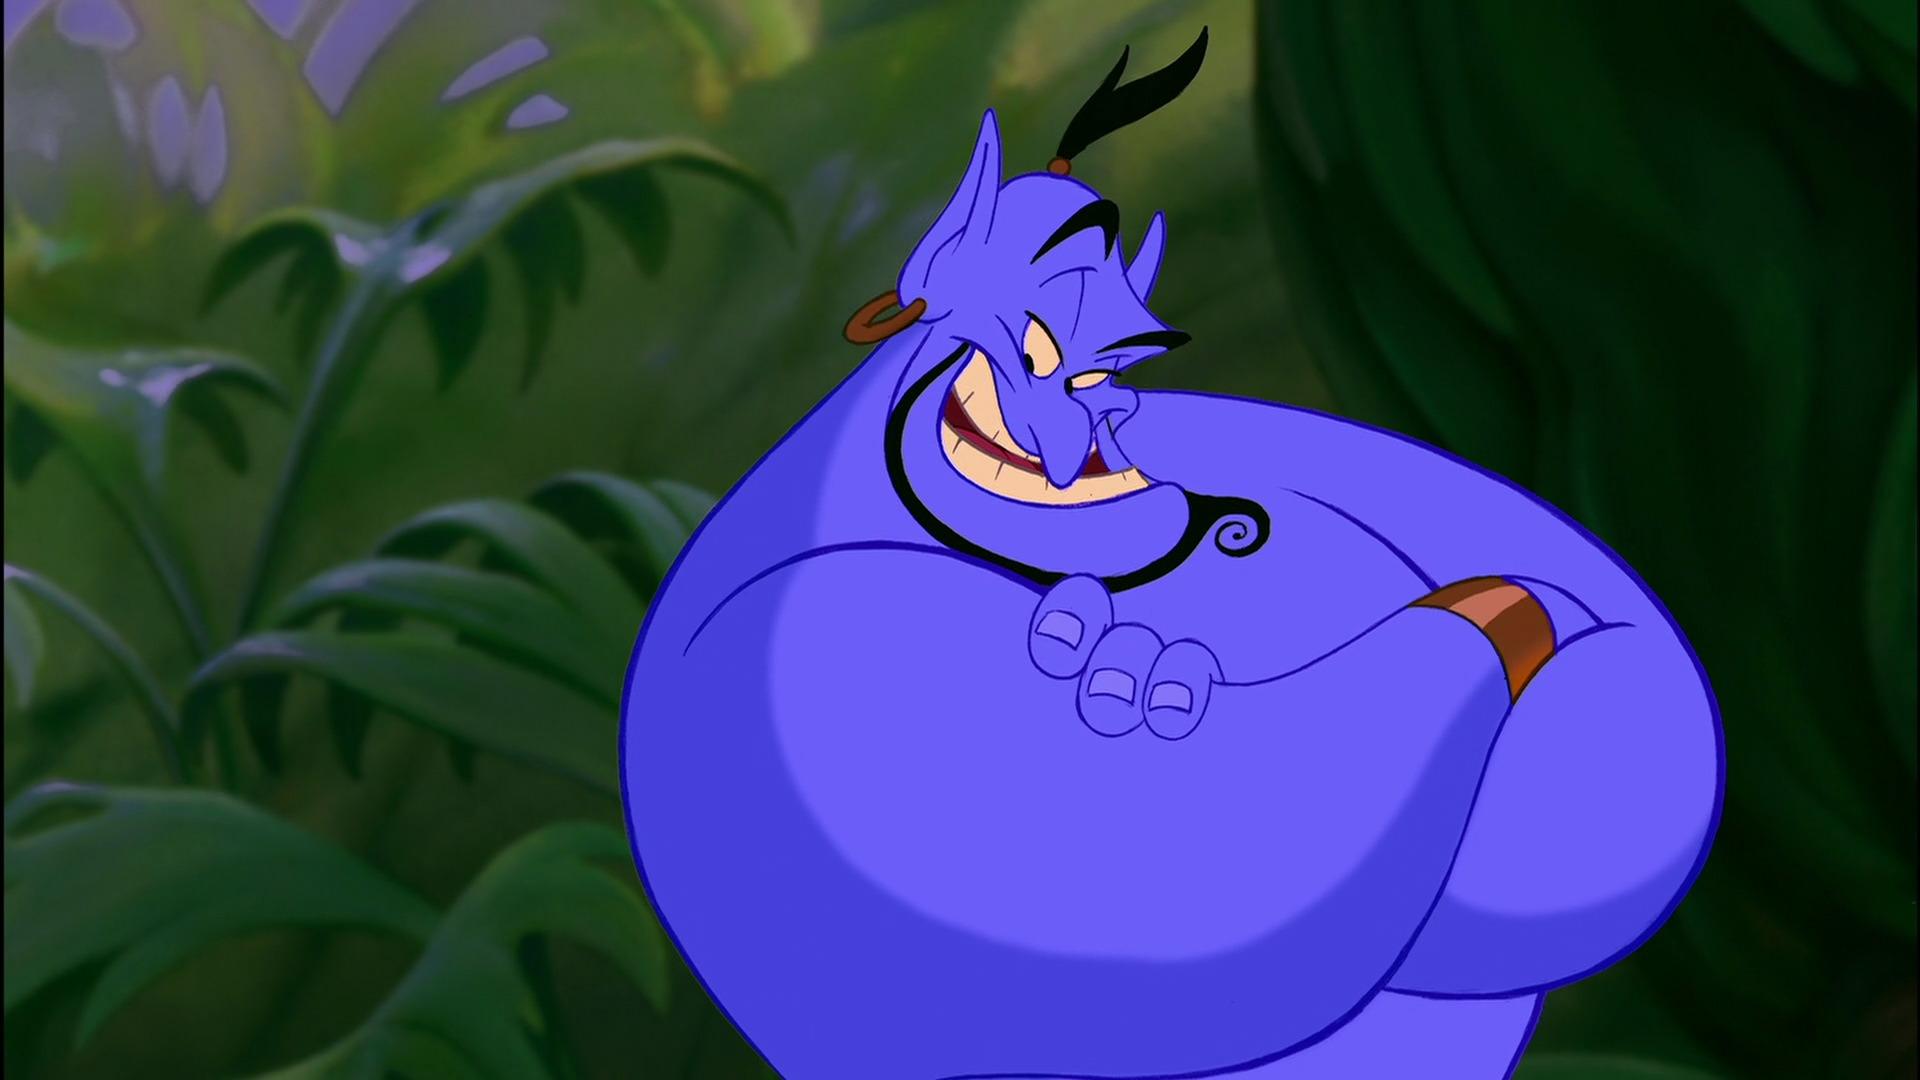 Genie | Disney Versus Non-Disney Villains Wiki | FANDOM powered by ... for Genie Aladdin Quotes  117dqh